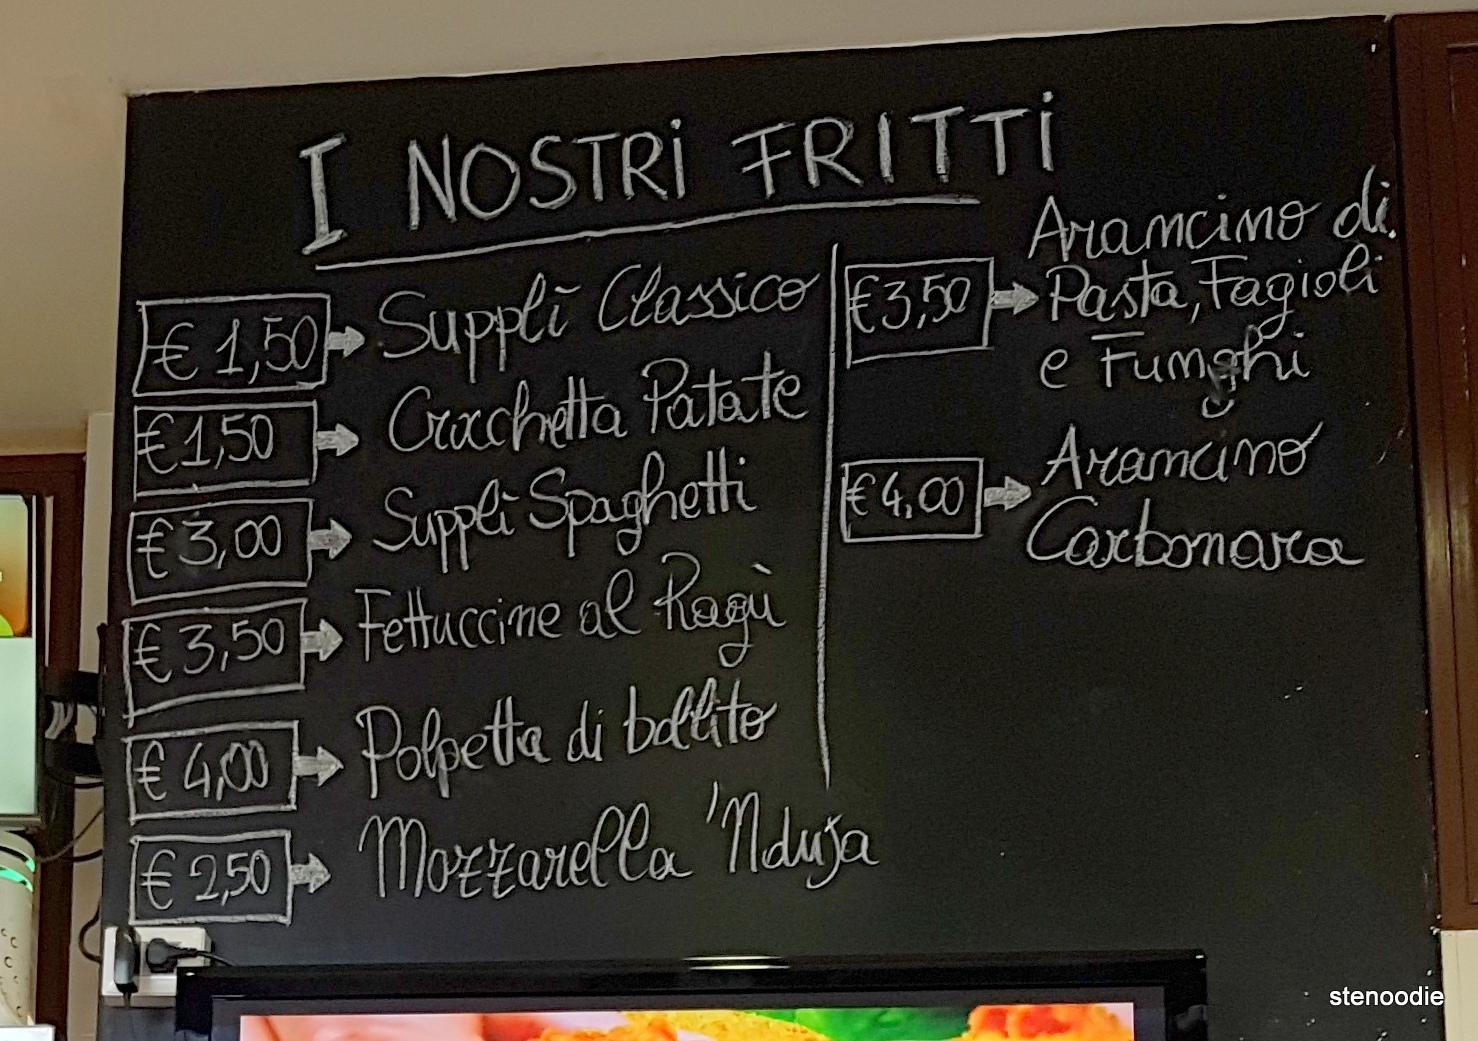 Bonci Pizzarium fritti menu